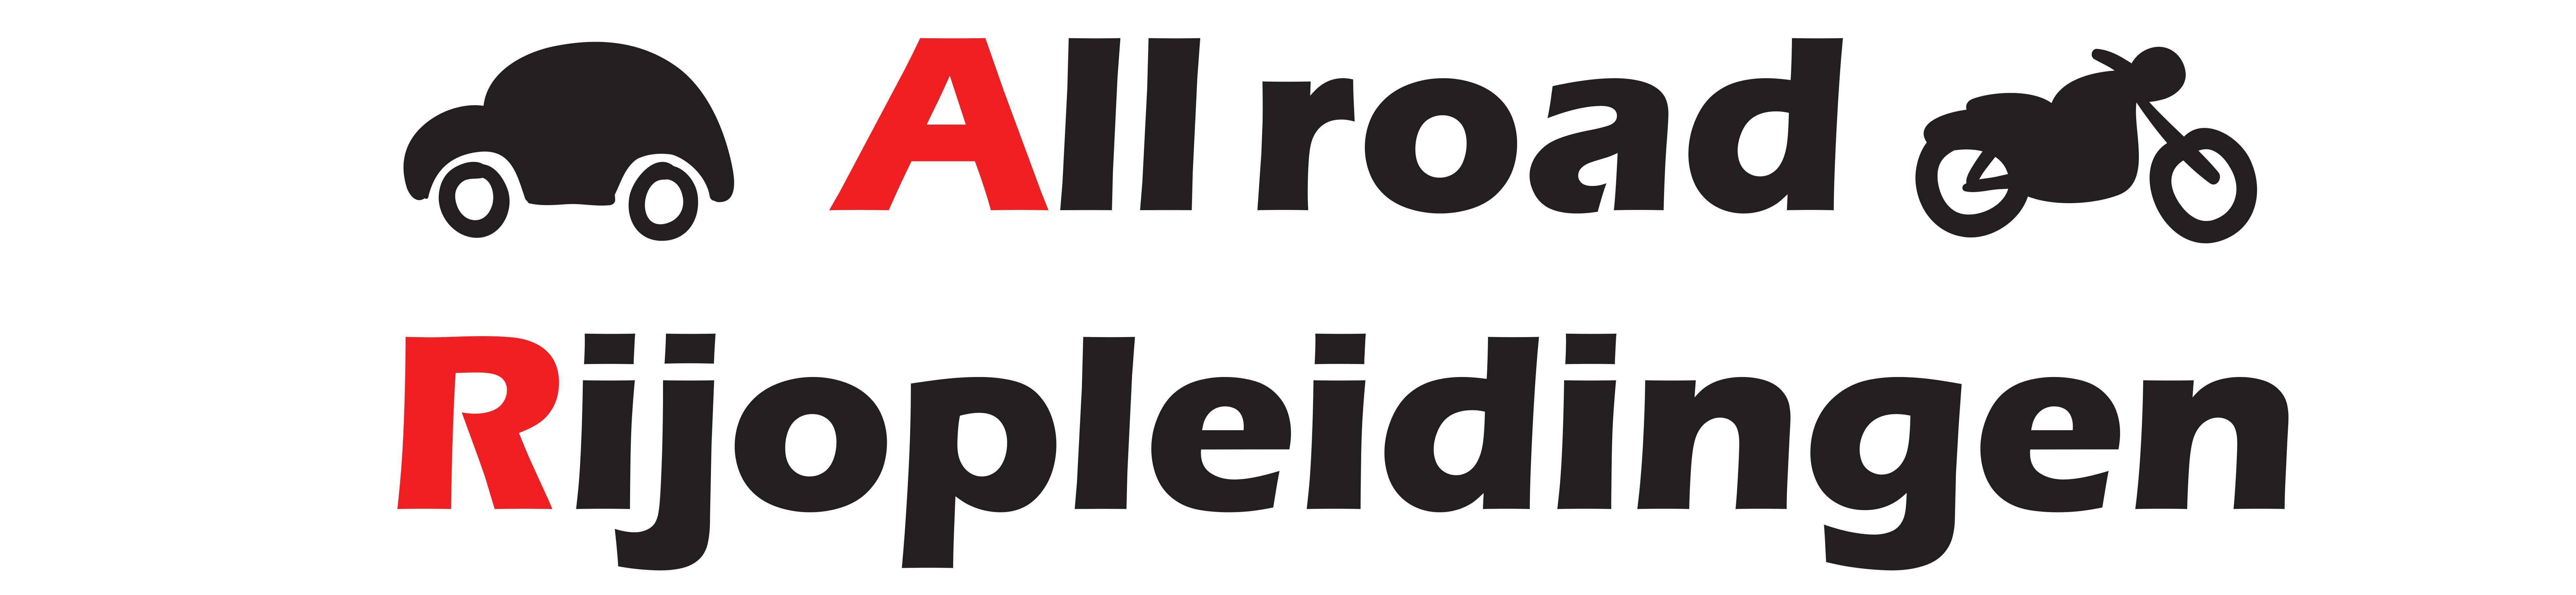 logo_Allroad